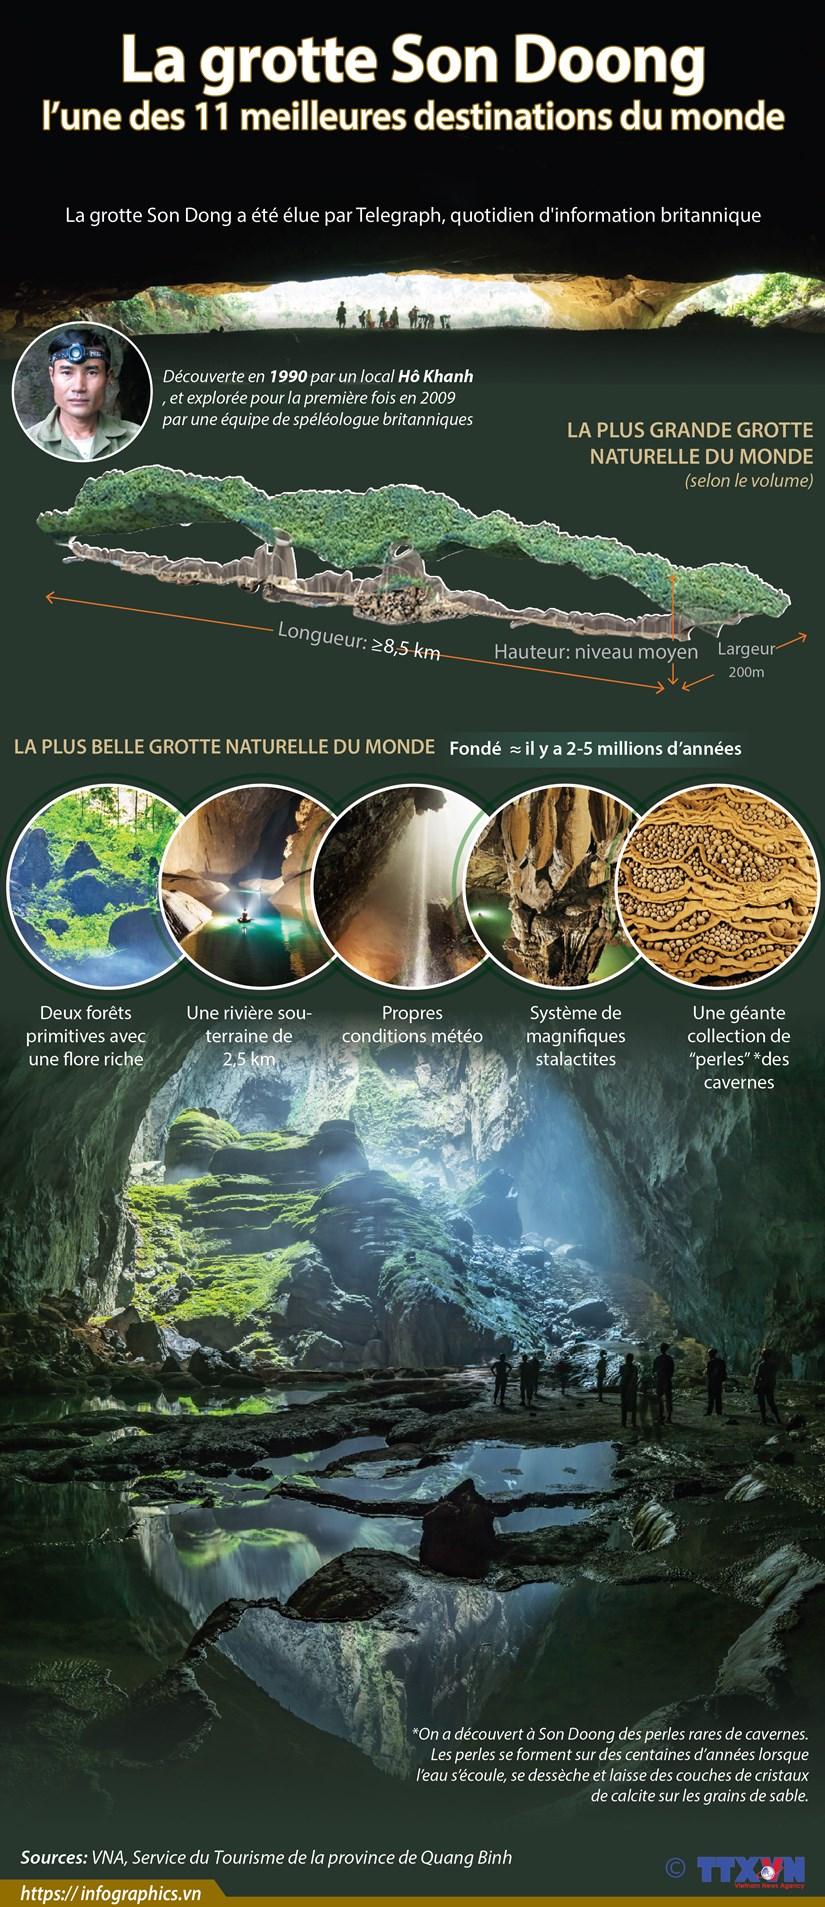 La grotte Son Doong: l'une des 11 meilleures destinations du monde hinh anh 1